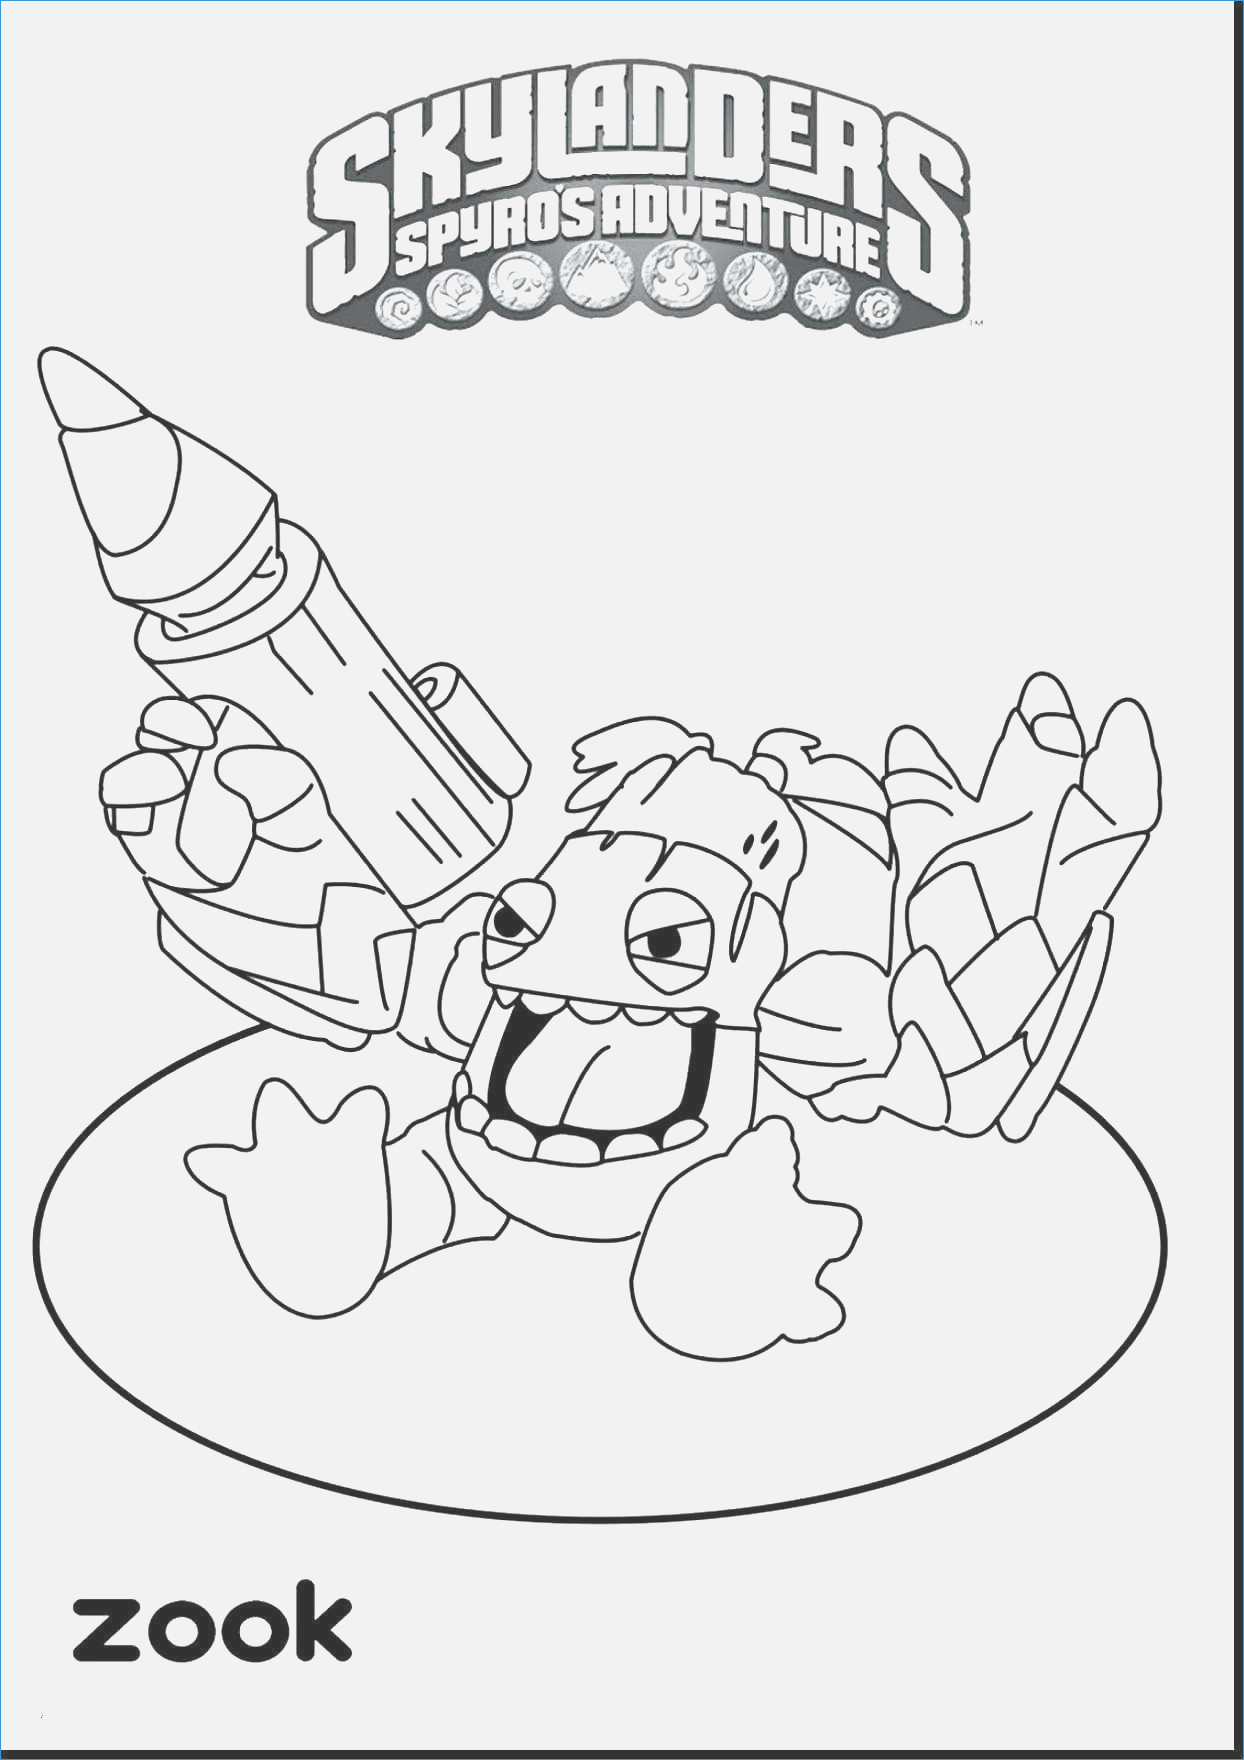 Ausmalbilder Prinzessin Vorlagen Das Beste Von Abcpics – Page 163 Whdr Stock